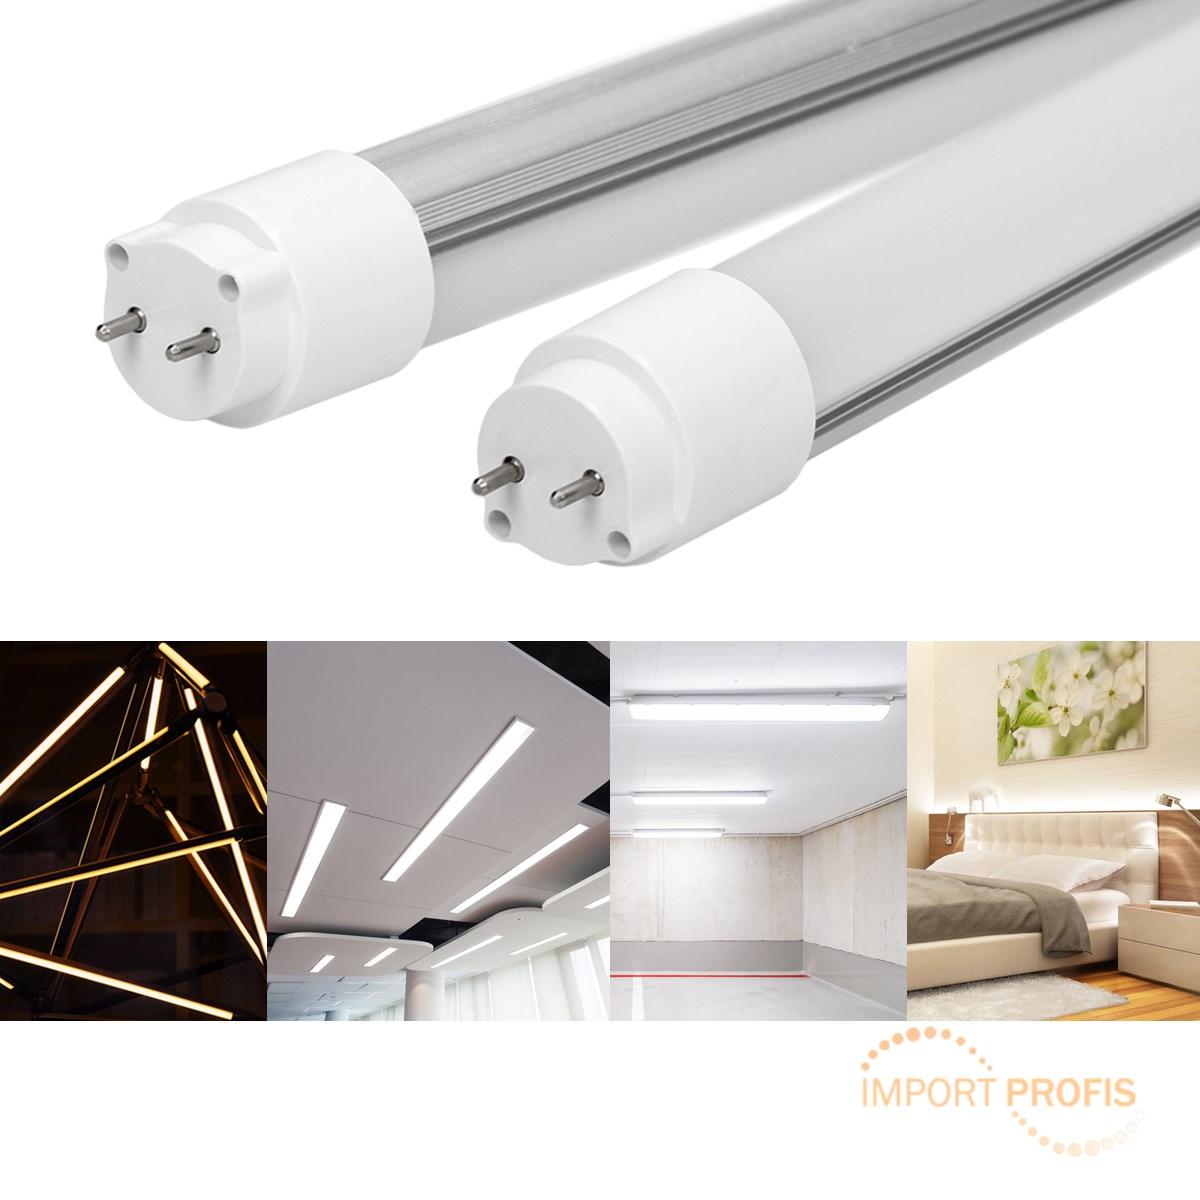 120 cm t8 g13 20 watt led smd r hre tube leuchtstoffr hre lampe rohrenlampe ebay. Black Bedroom Furniture Sets. Home Design Ideas